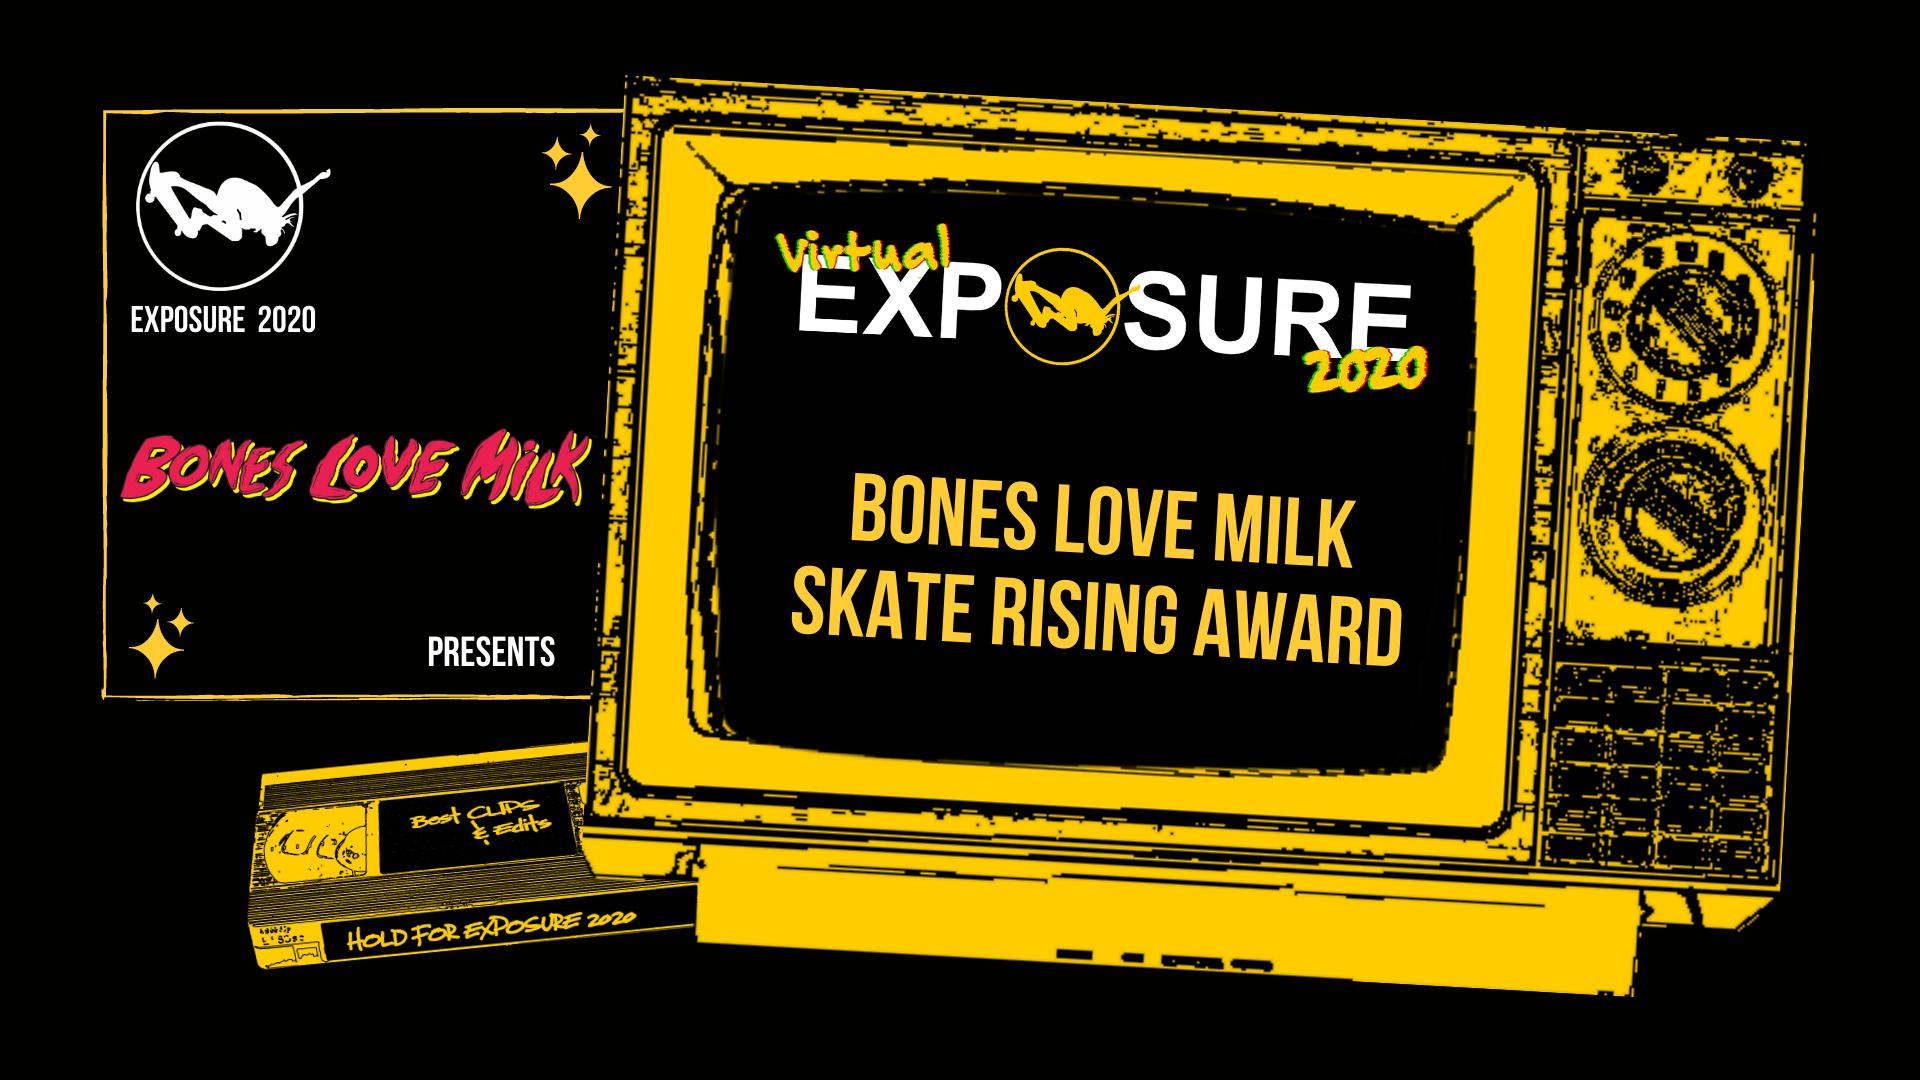 Skate Rising Award, Opening Title